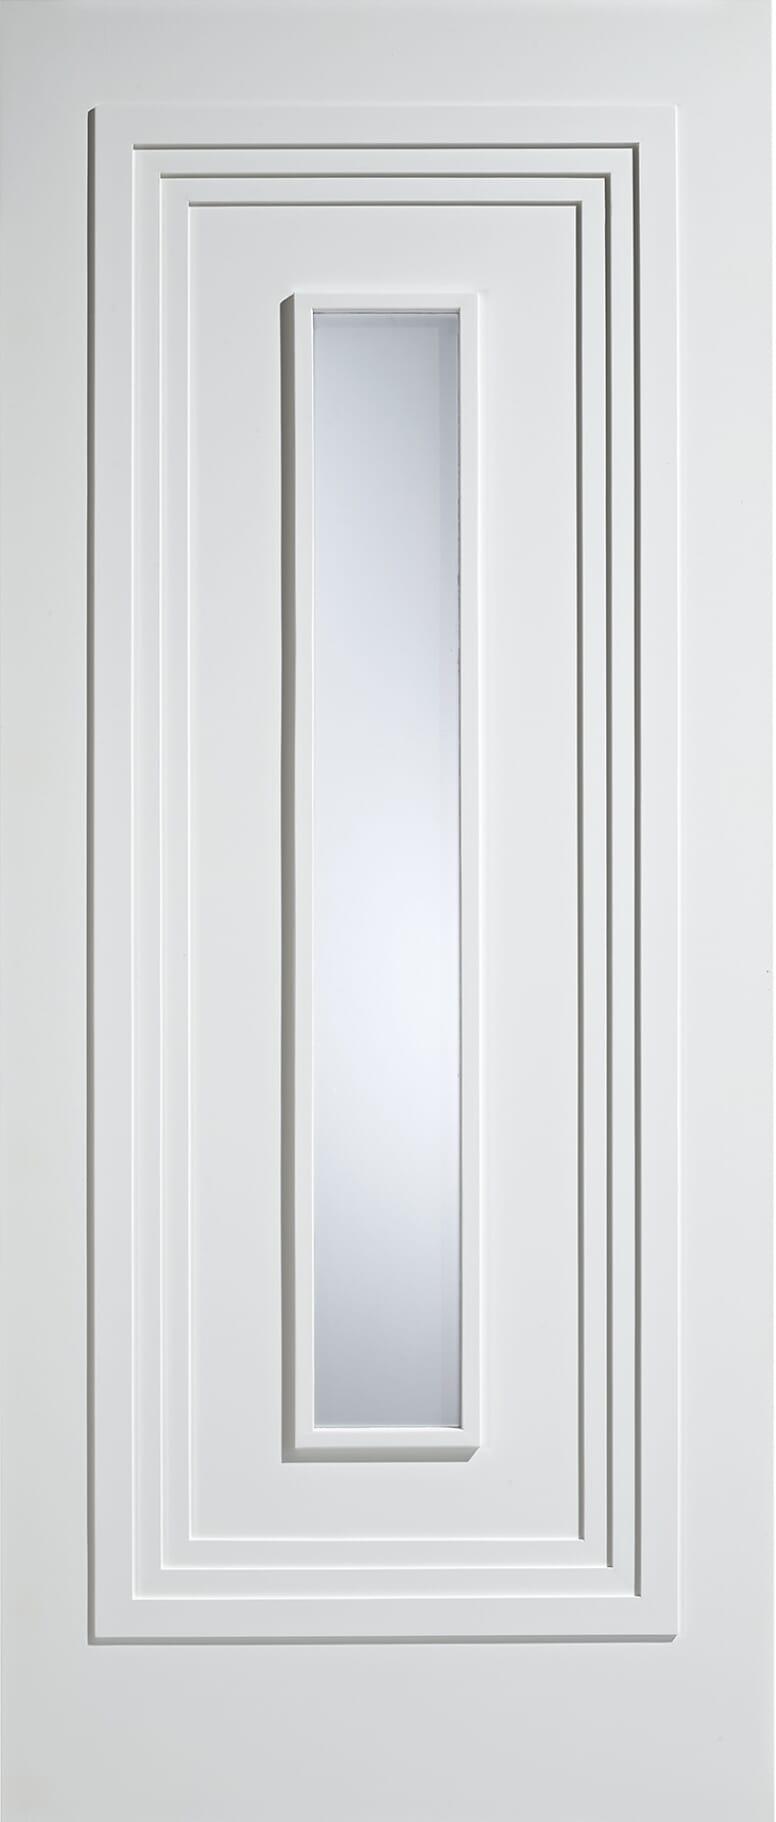 Atlanta White Glazed Image